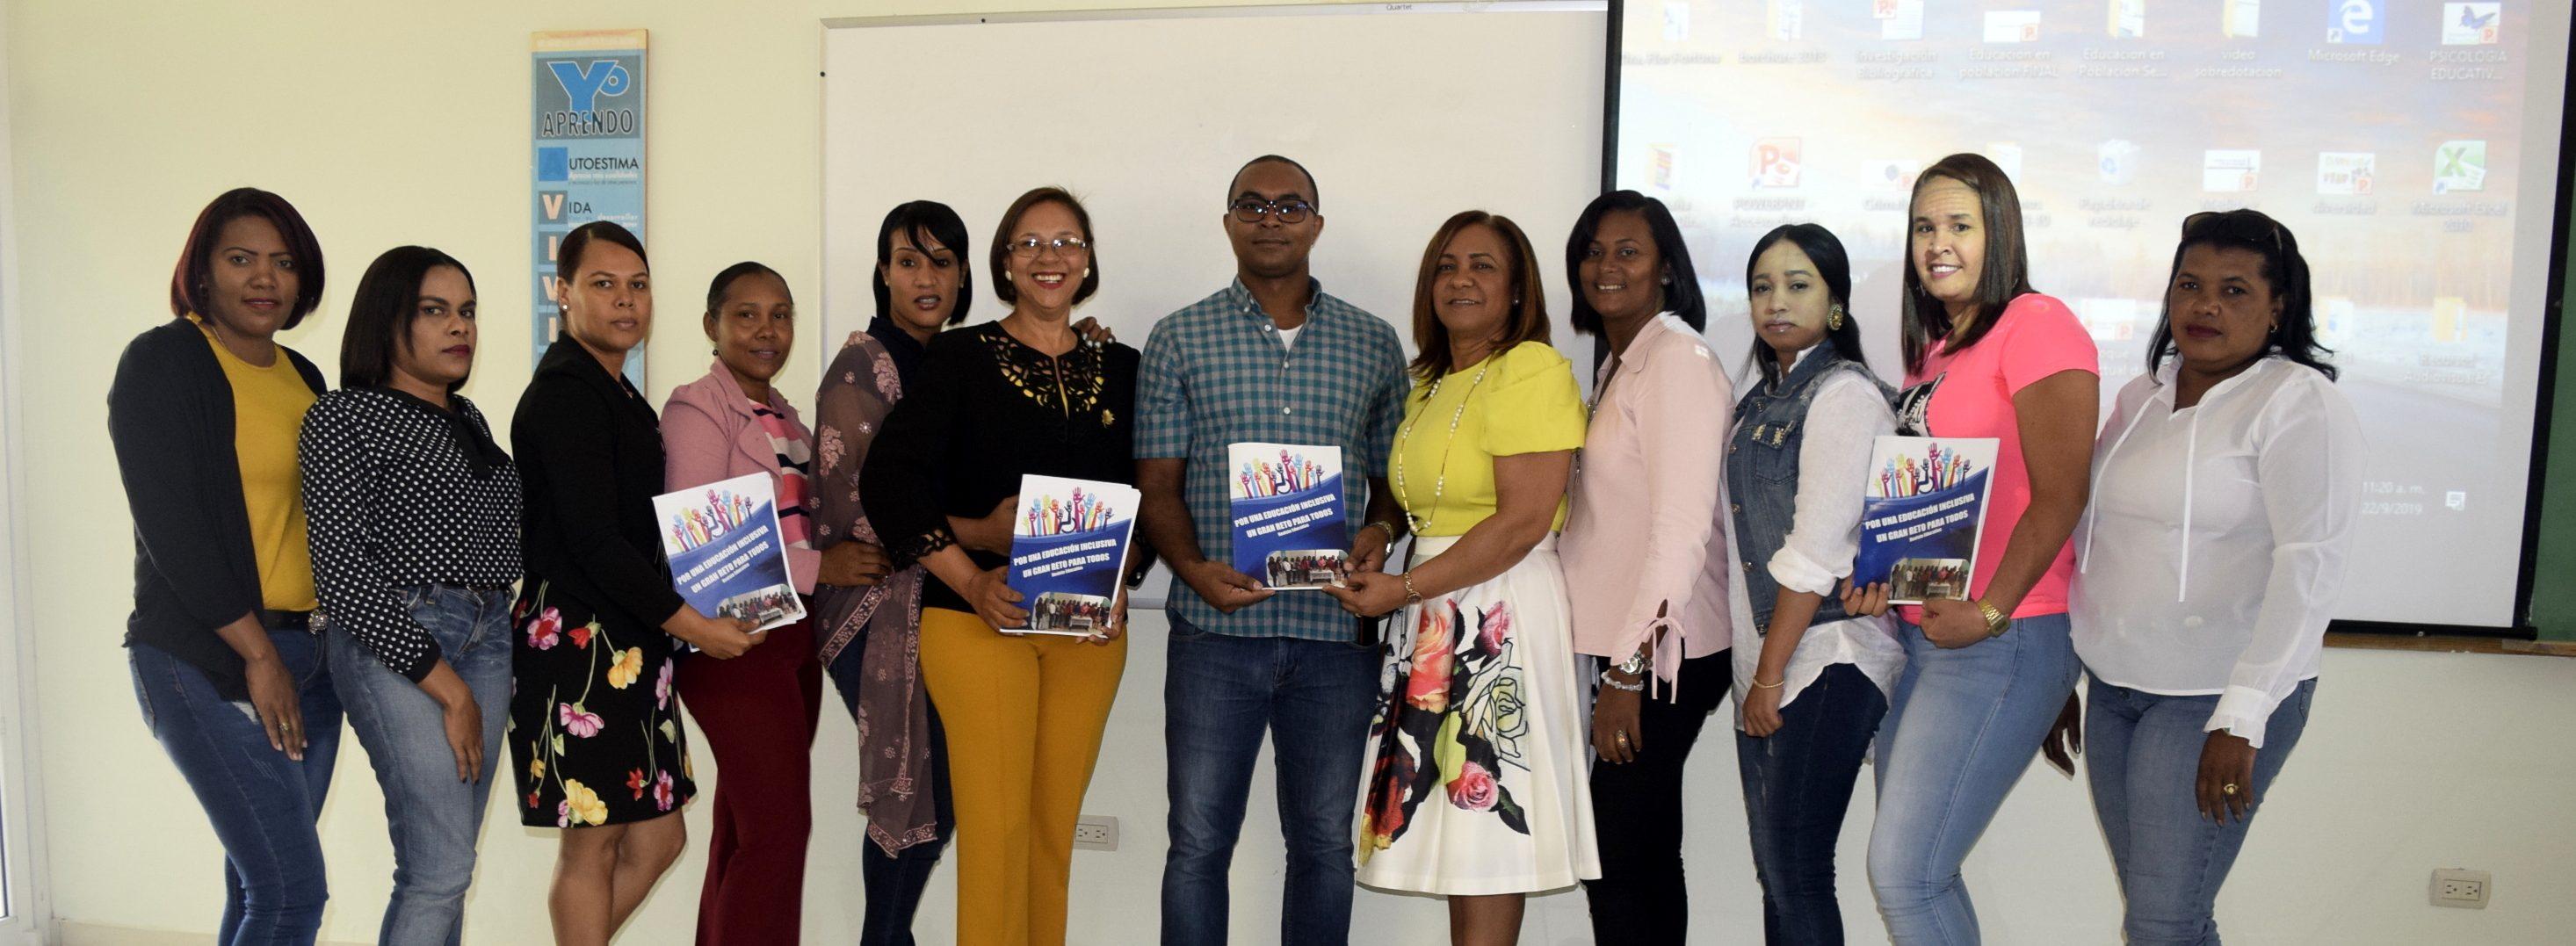 Grupo Maestría en Orientación Educativa e Intervención Psicopedagógica en UASD San Juan muestra revista impresa con sus trabajos